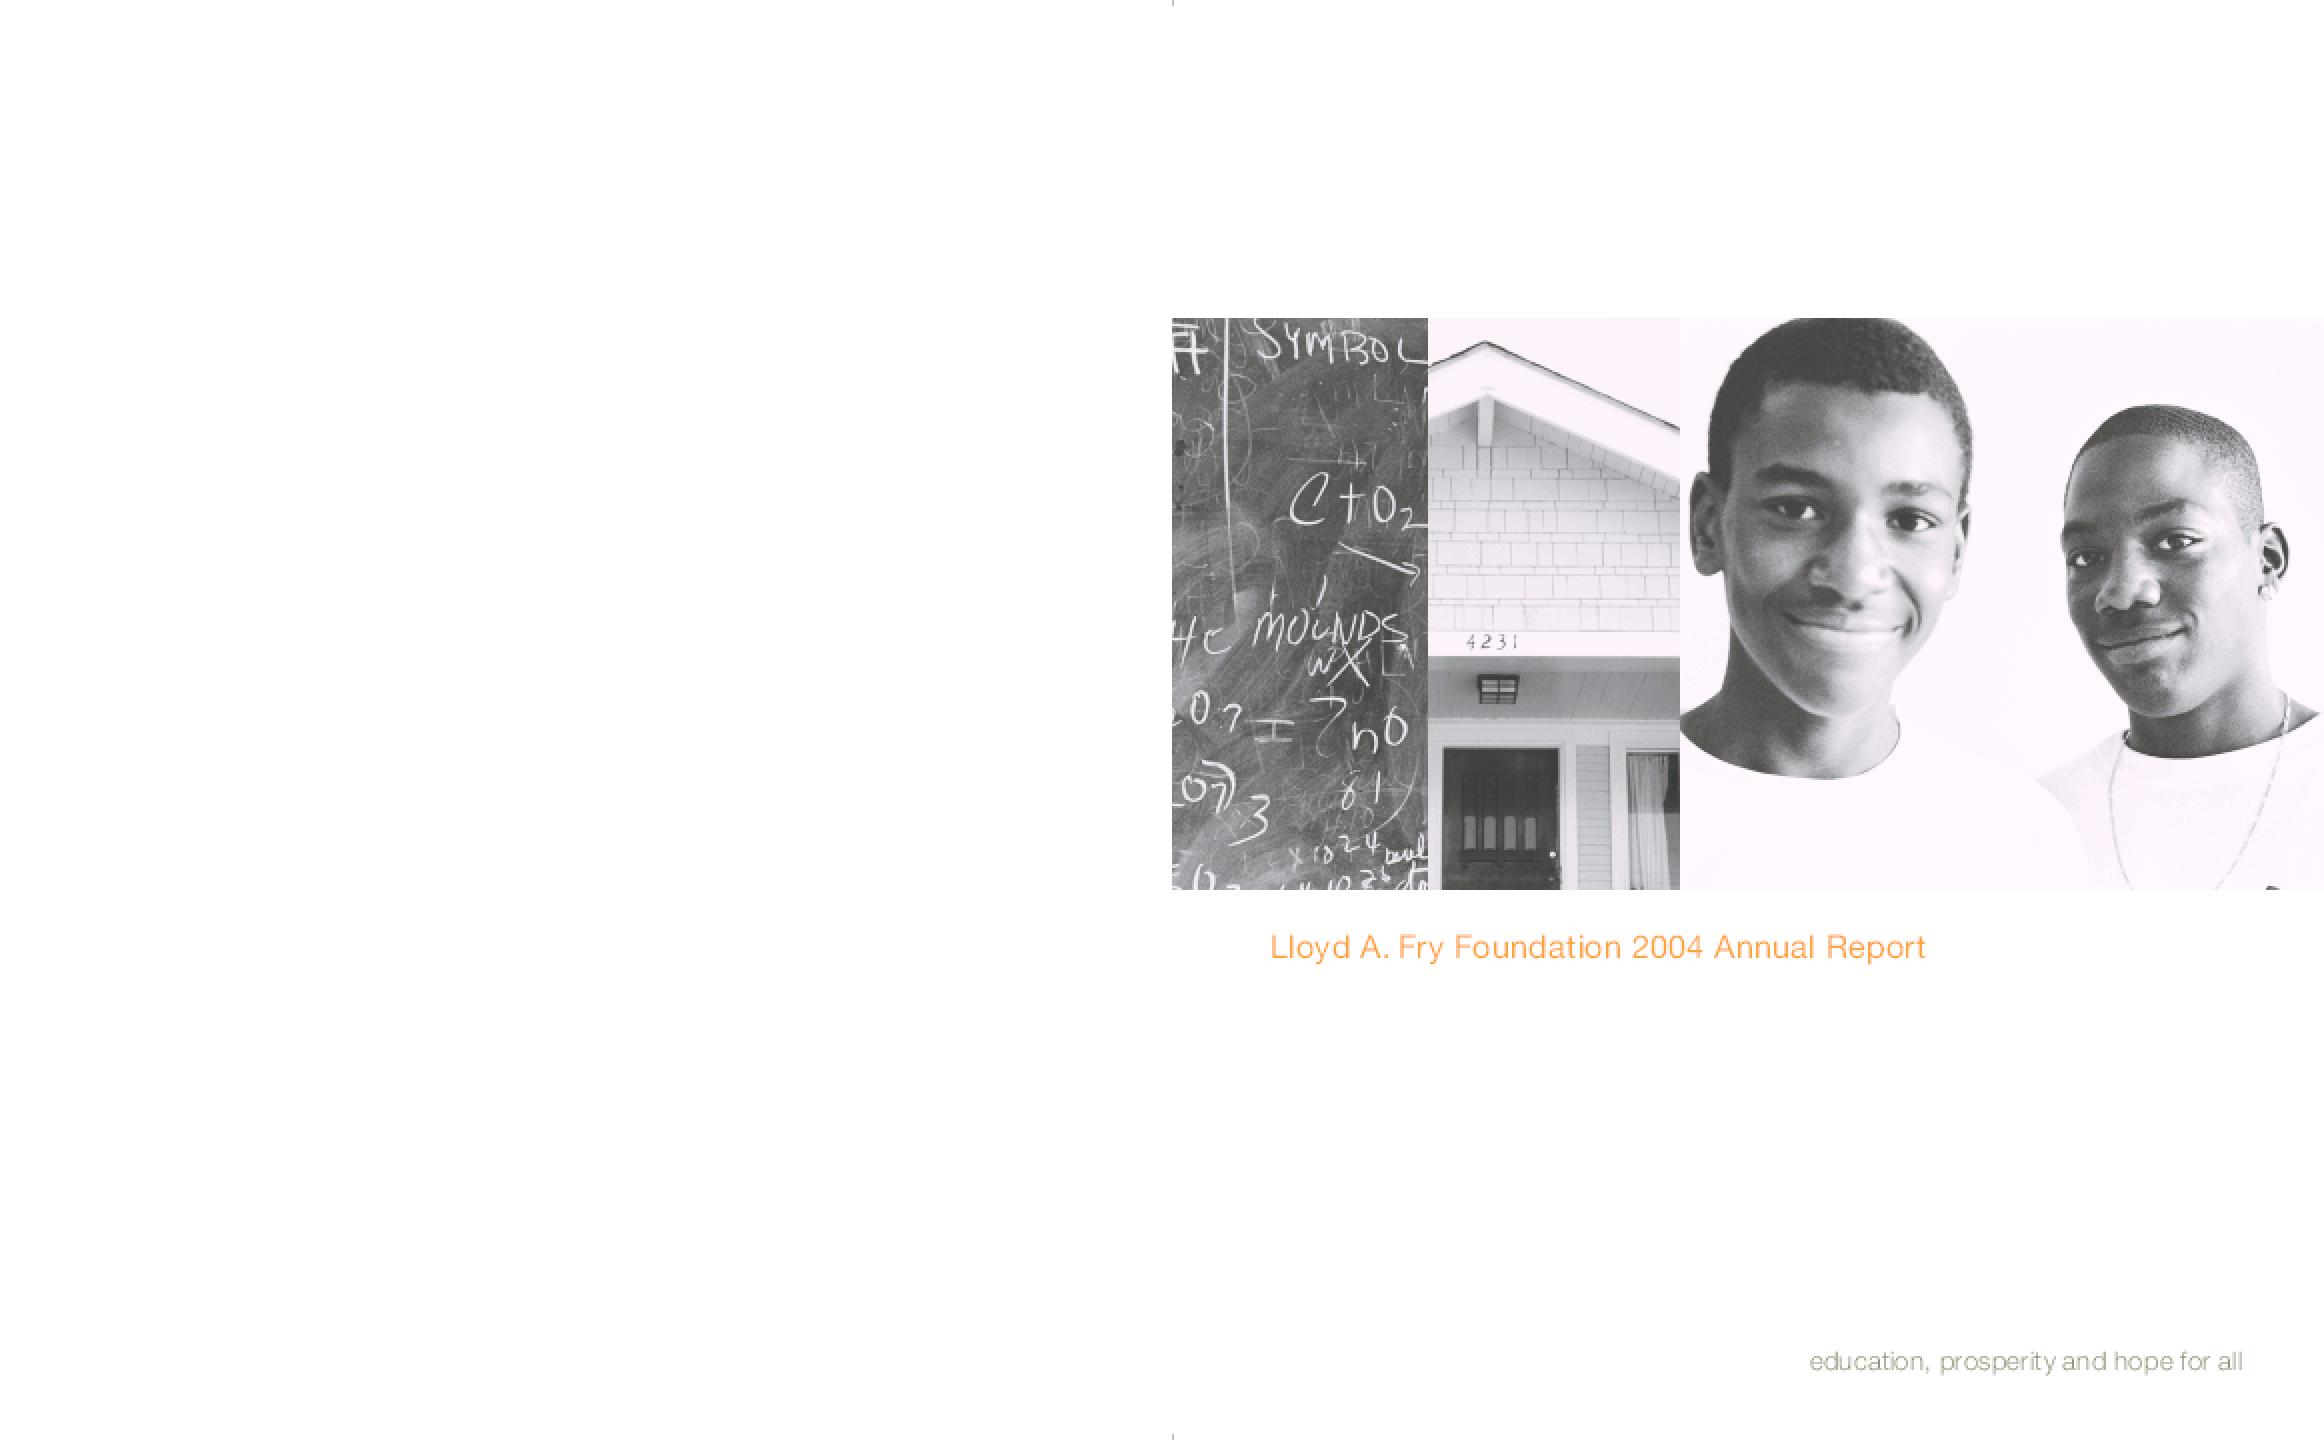 Lloyd A. Fry Foundation - 2004 Annual Report